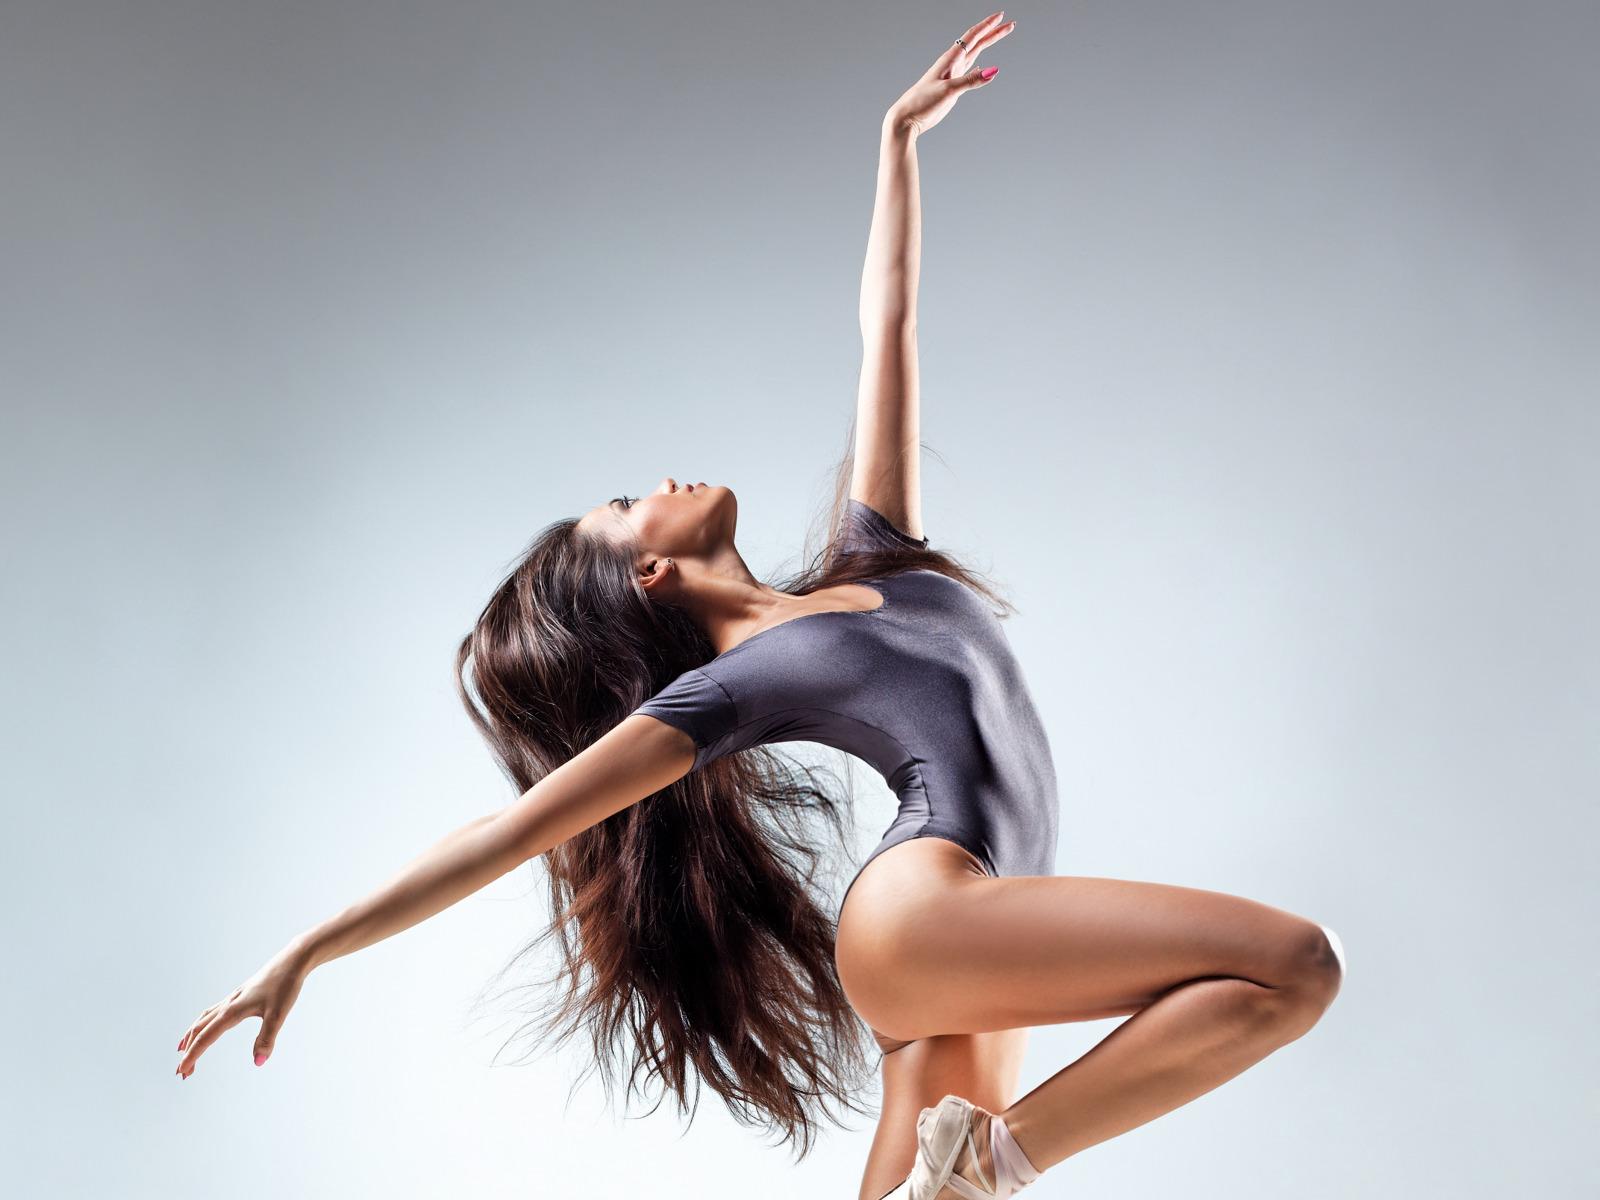 Поздравления, танцы картинки красивые девушки